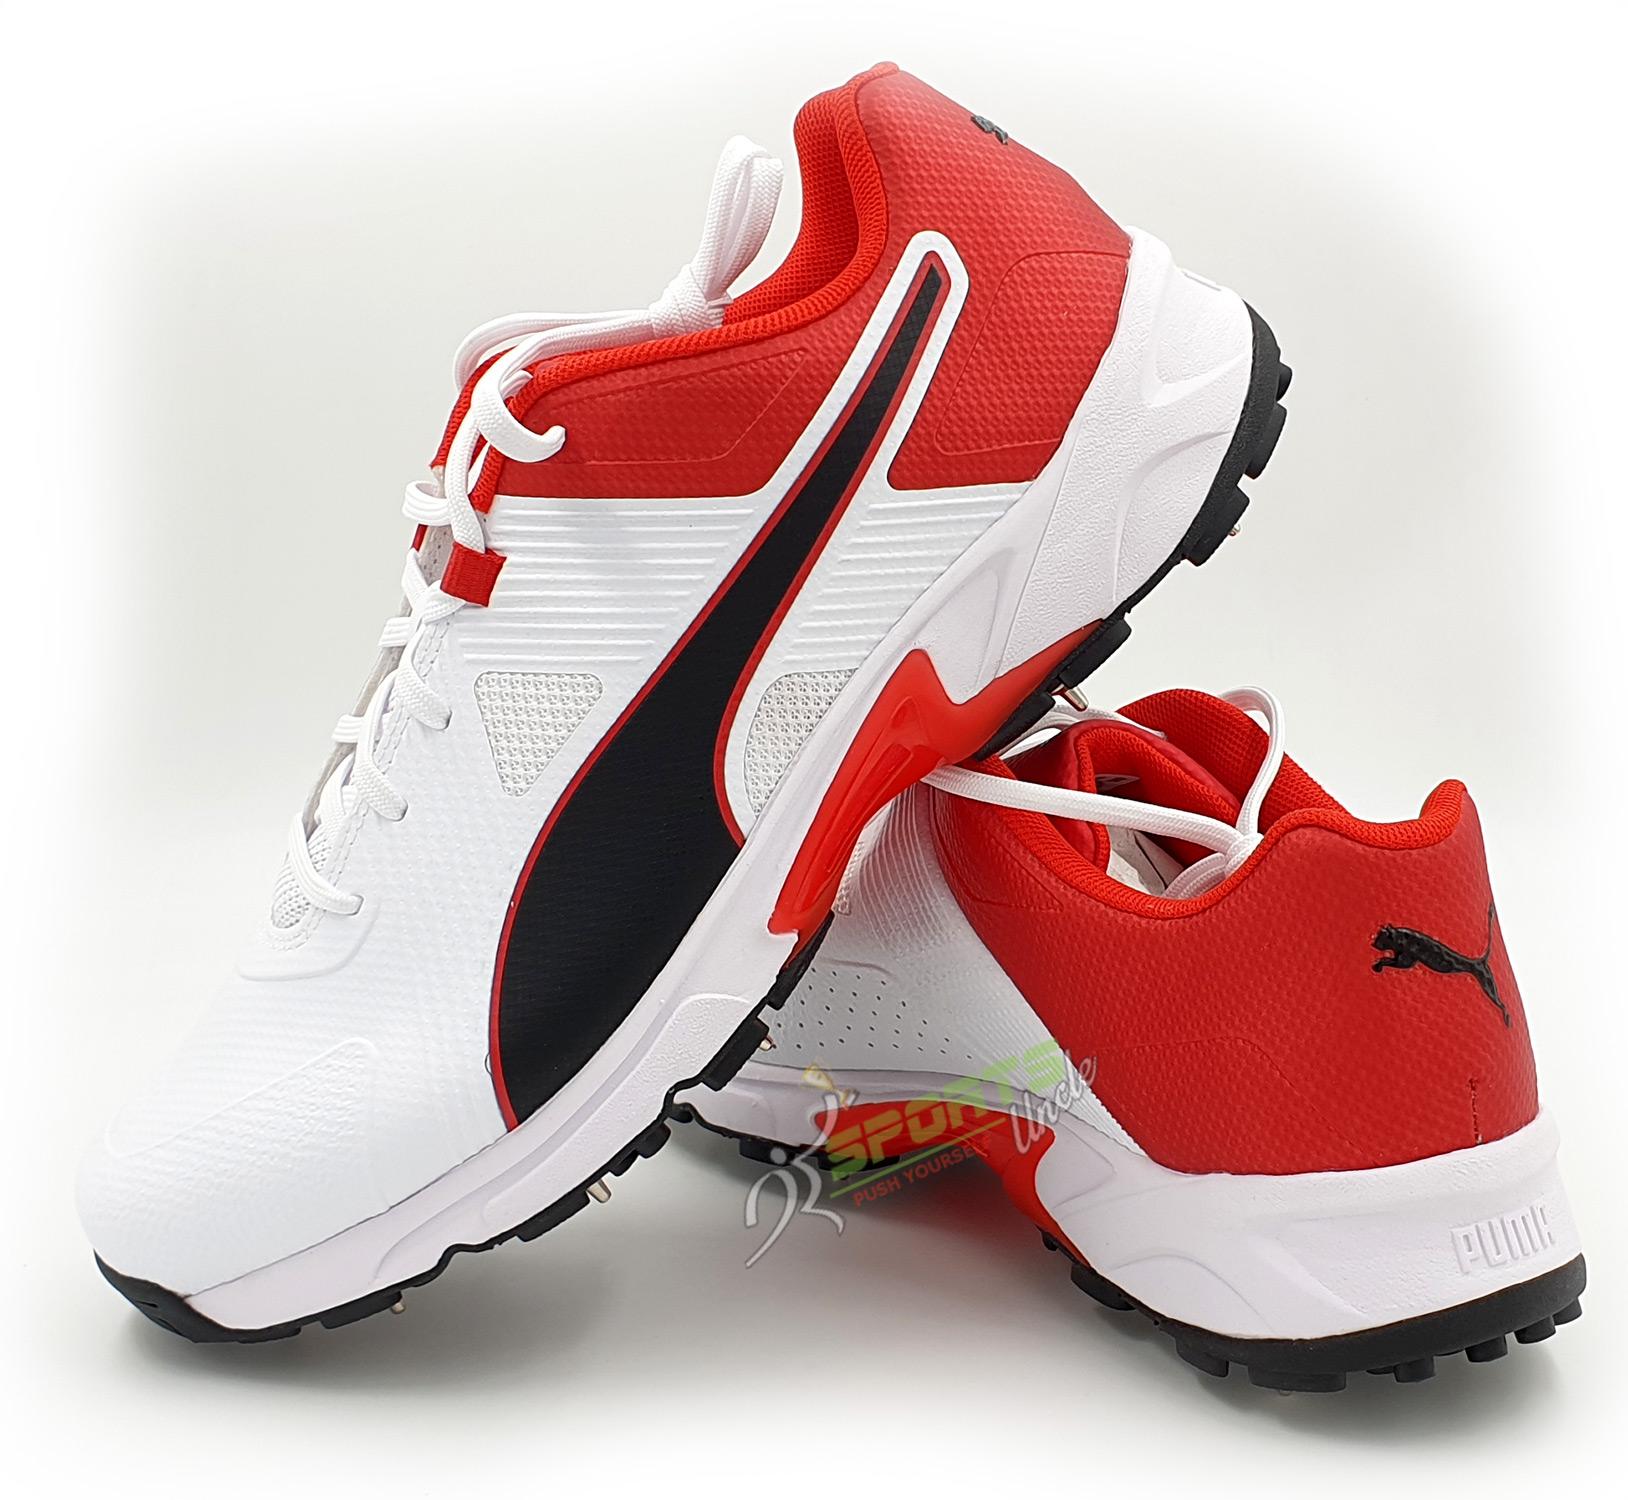 puma new cricket shoes